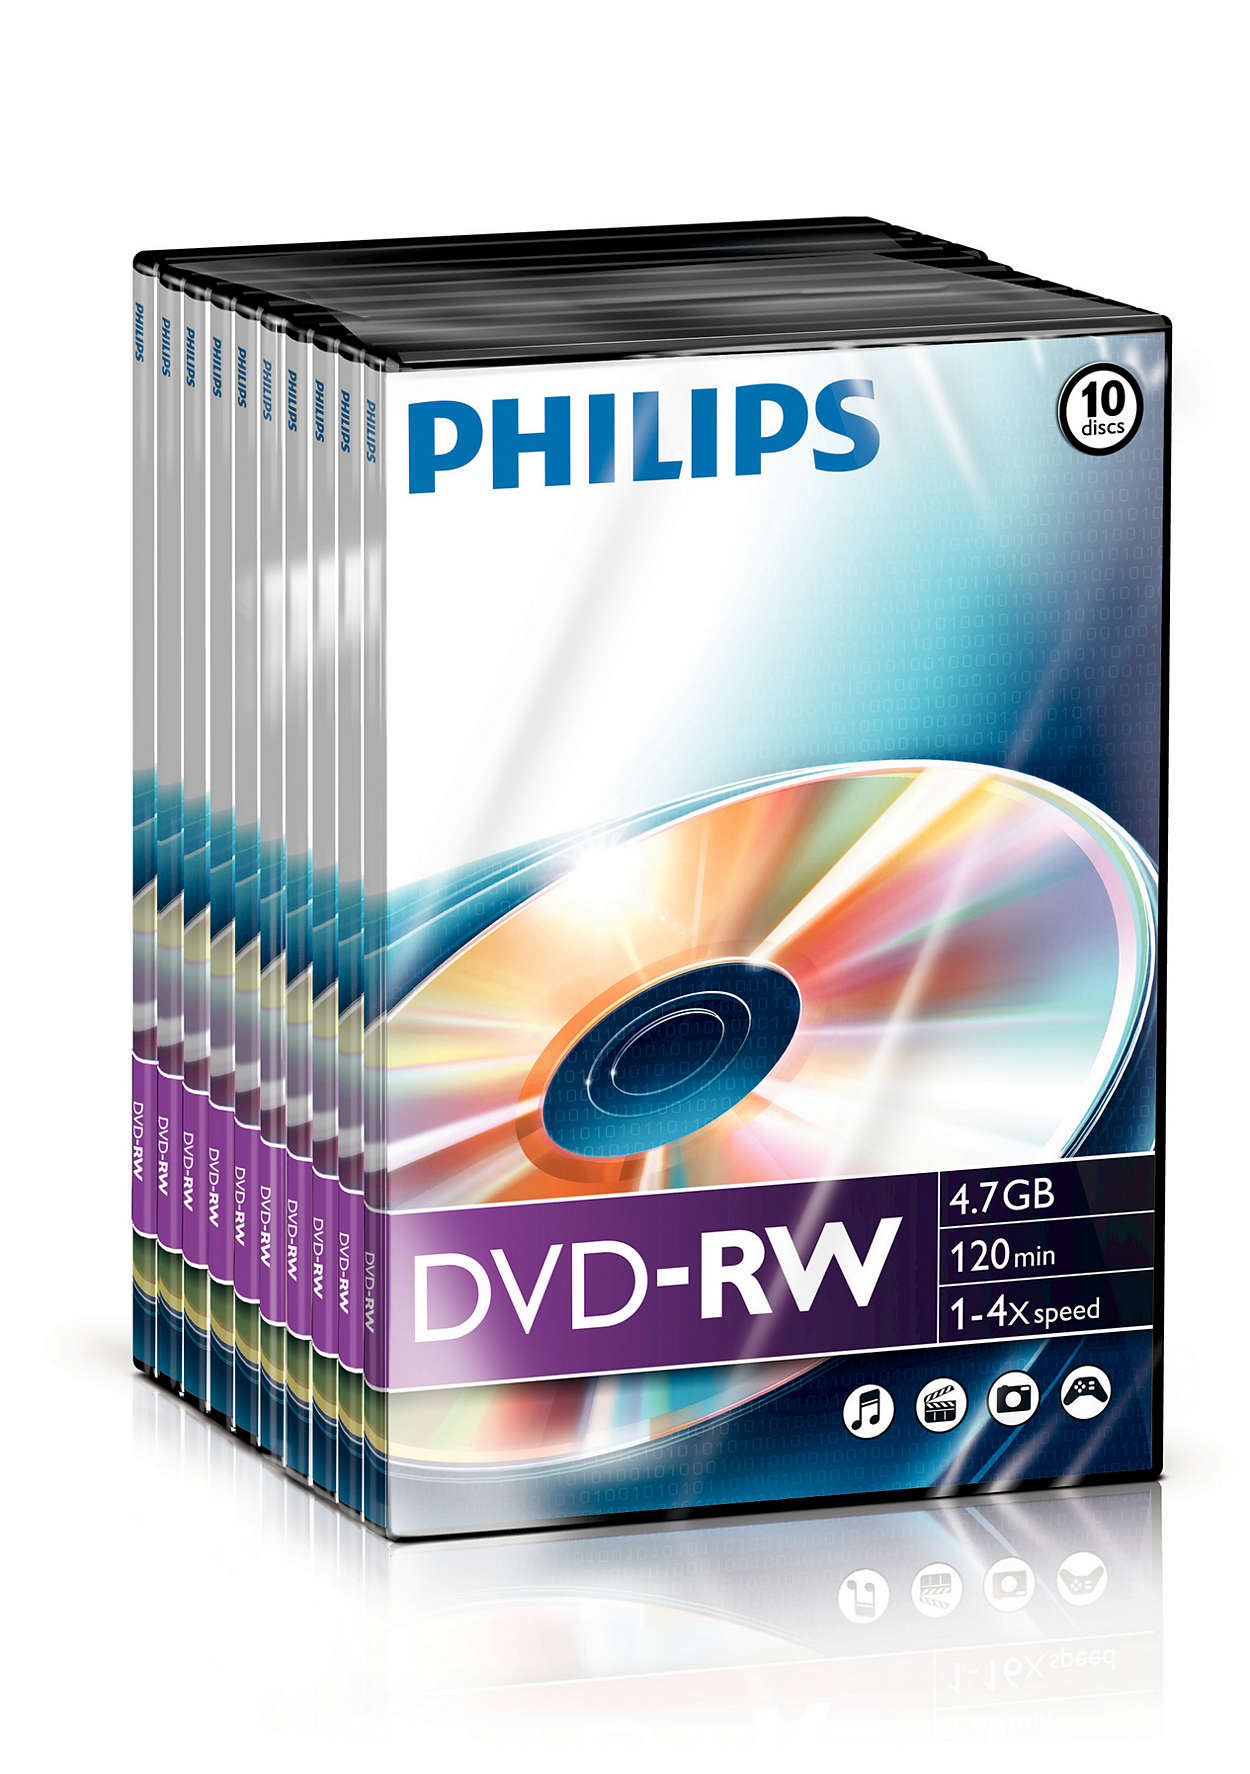 Oppfinneren av CD- og DVD-teknologien